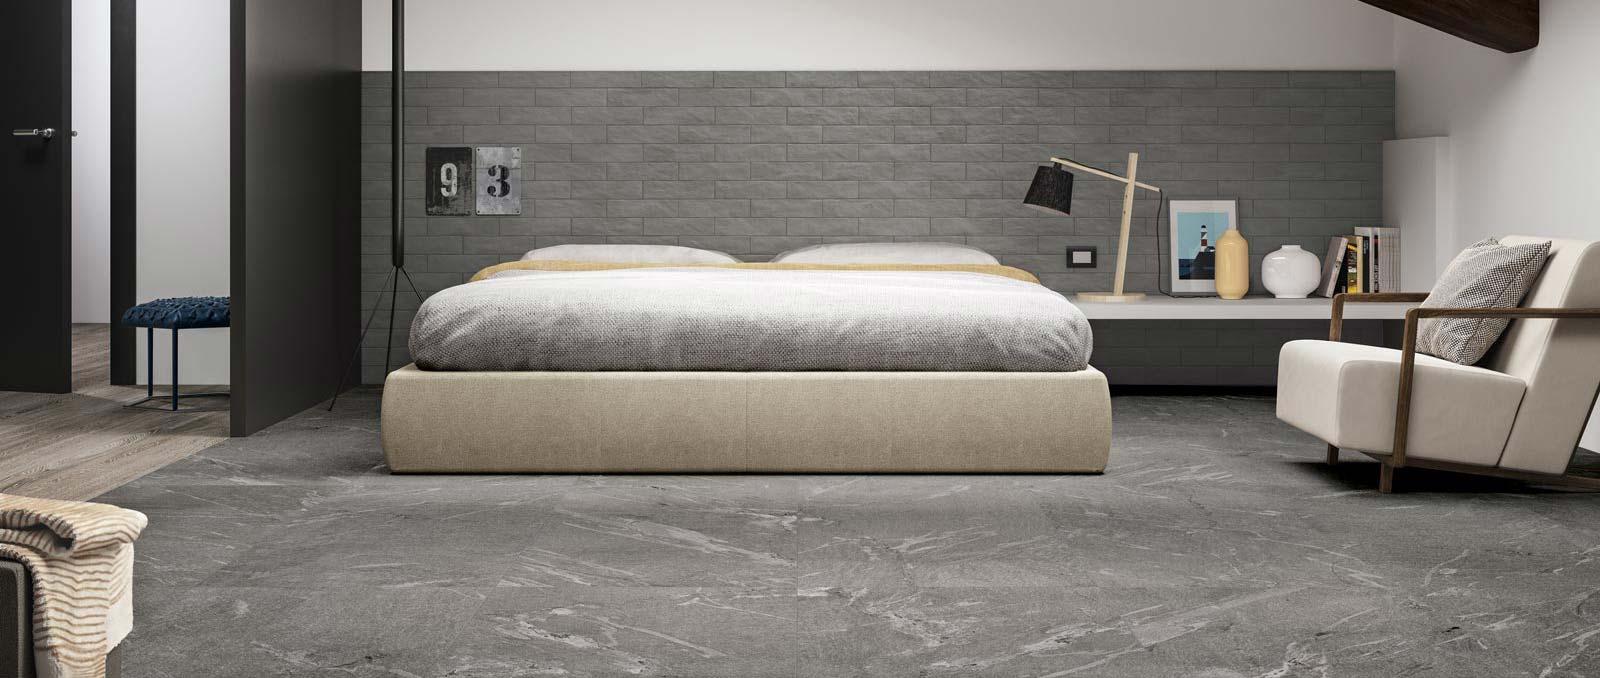 Come decorare la testata del letto ragno - Testata per letto ...